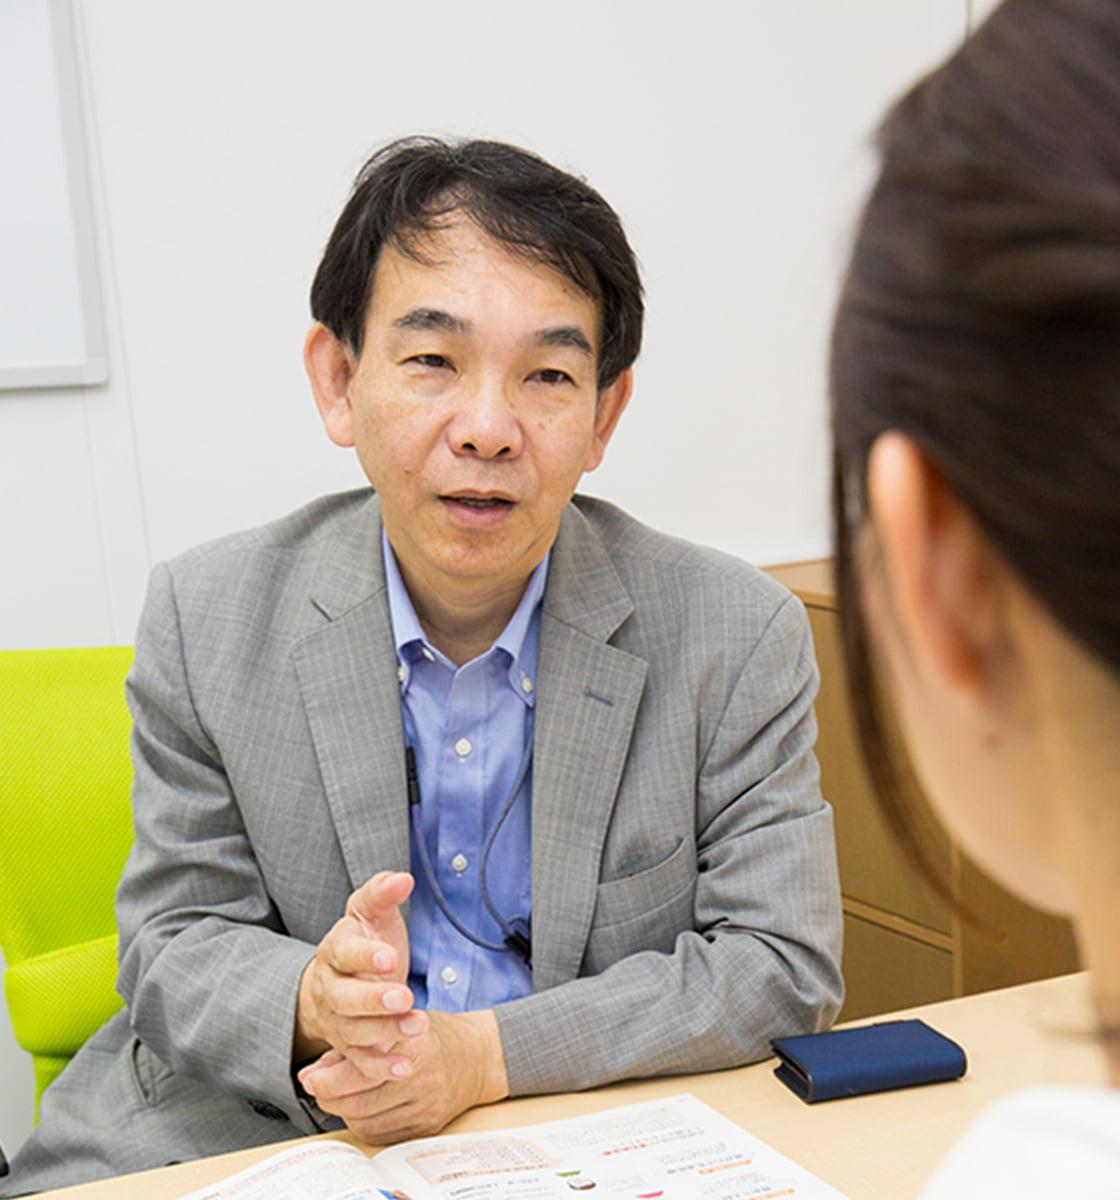 代表取締役 増川昇